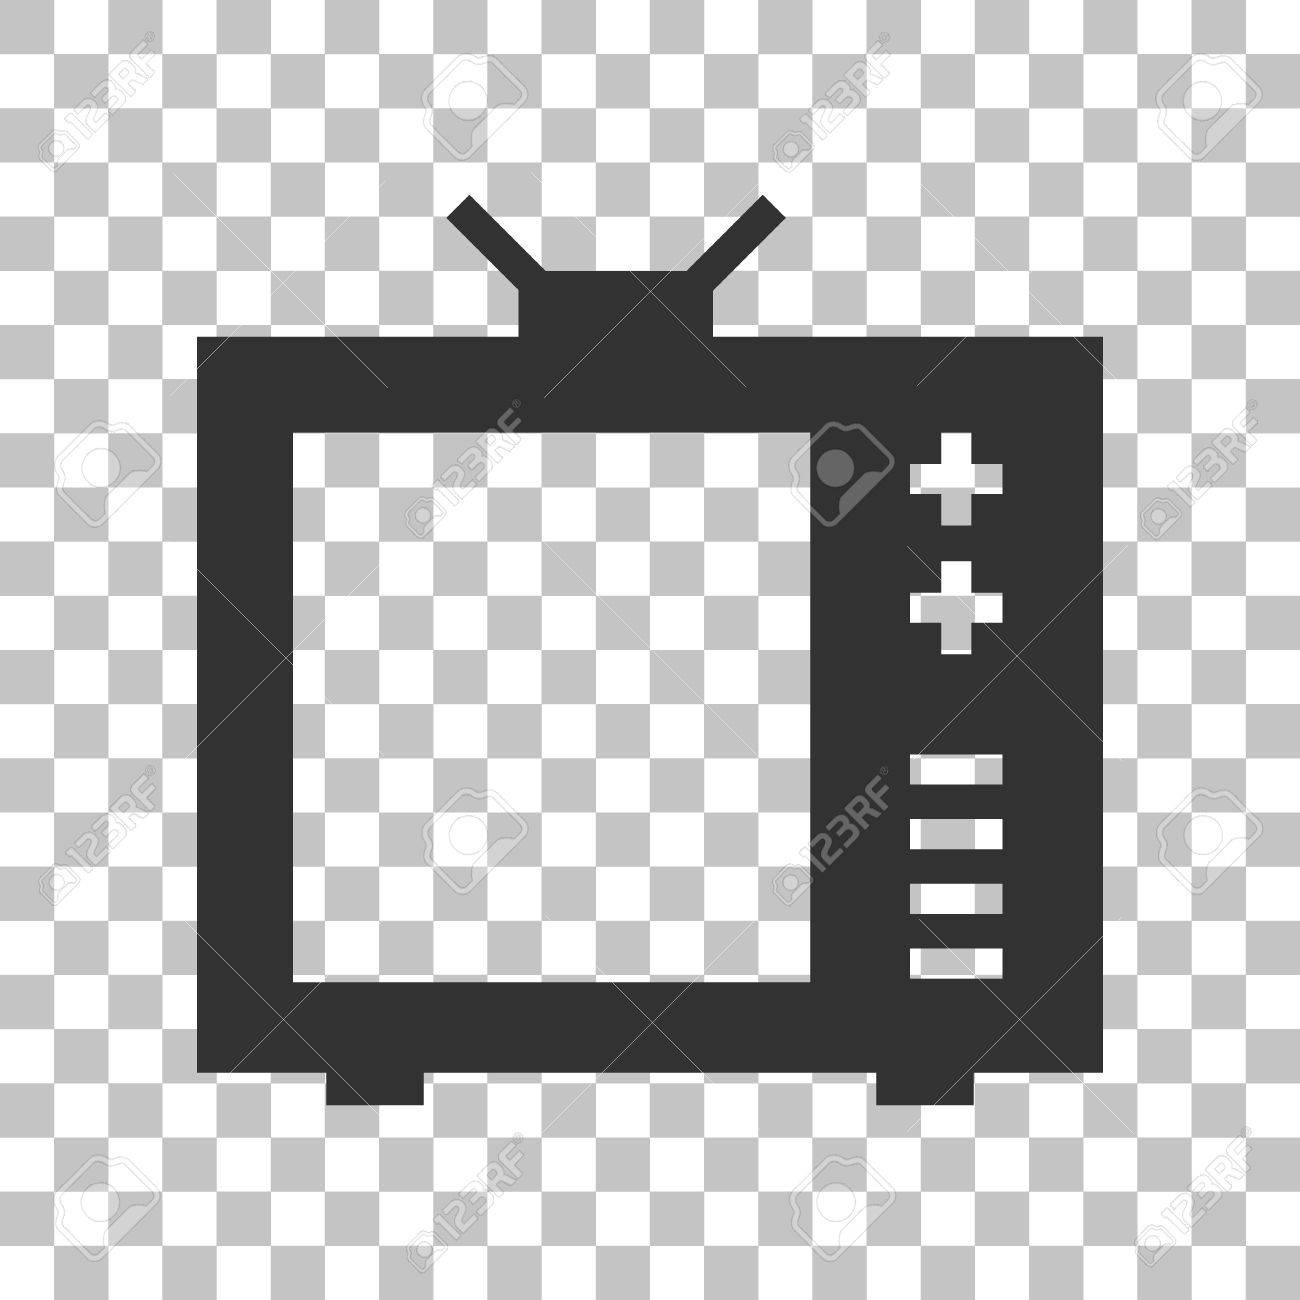 テレビ看板のイラスト。透明な背景に暗い灰色のアイコン